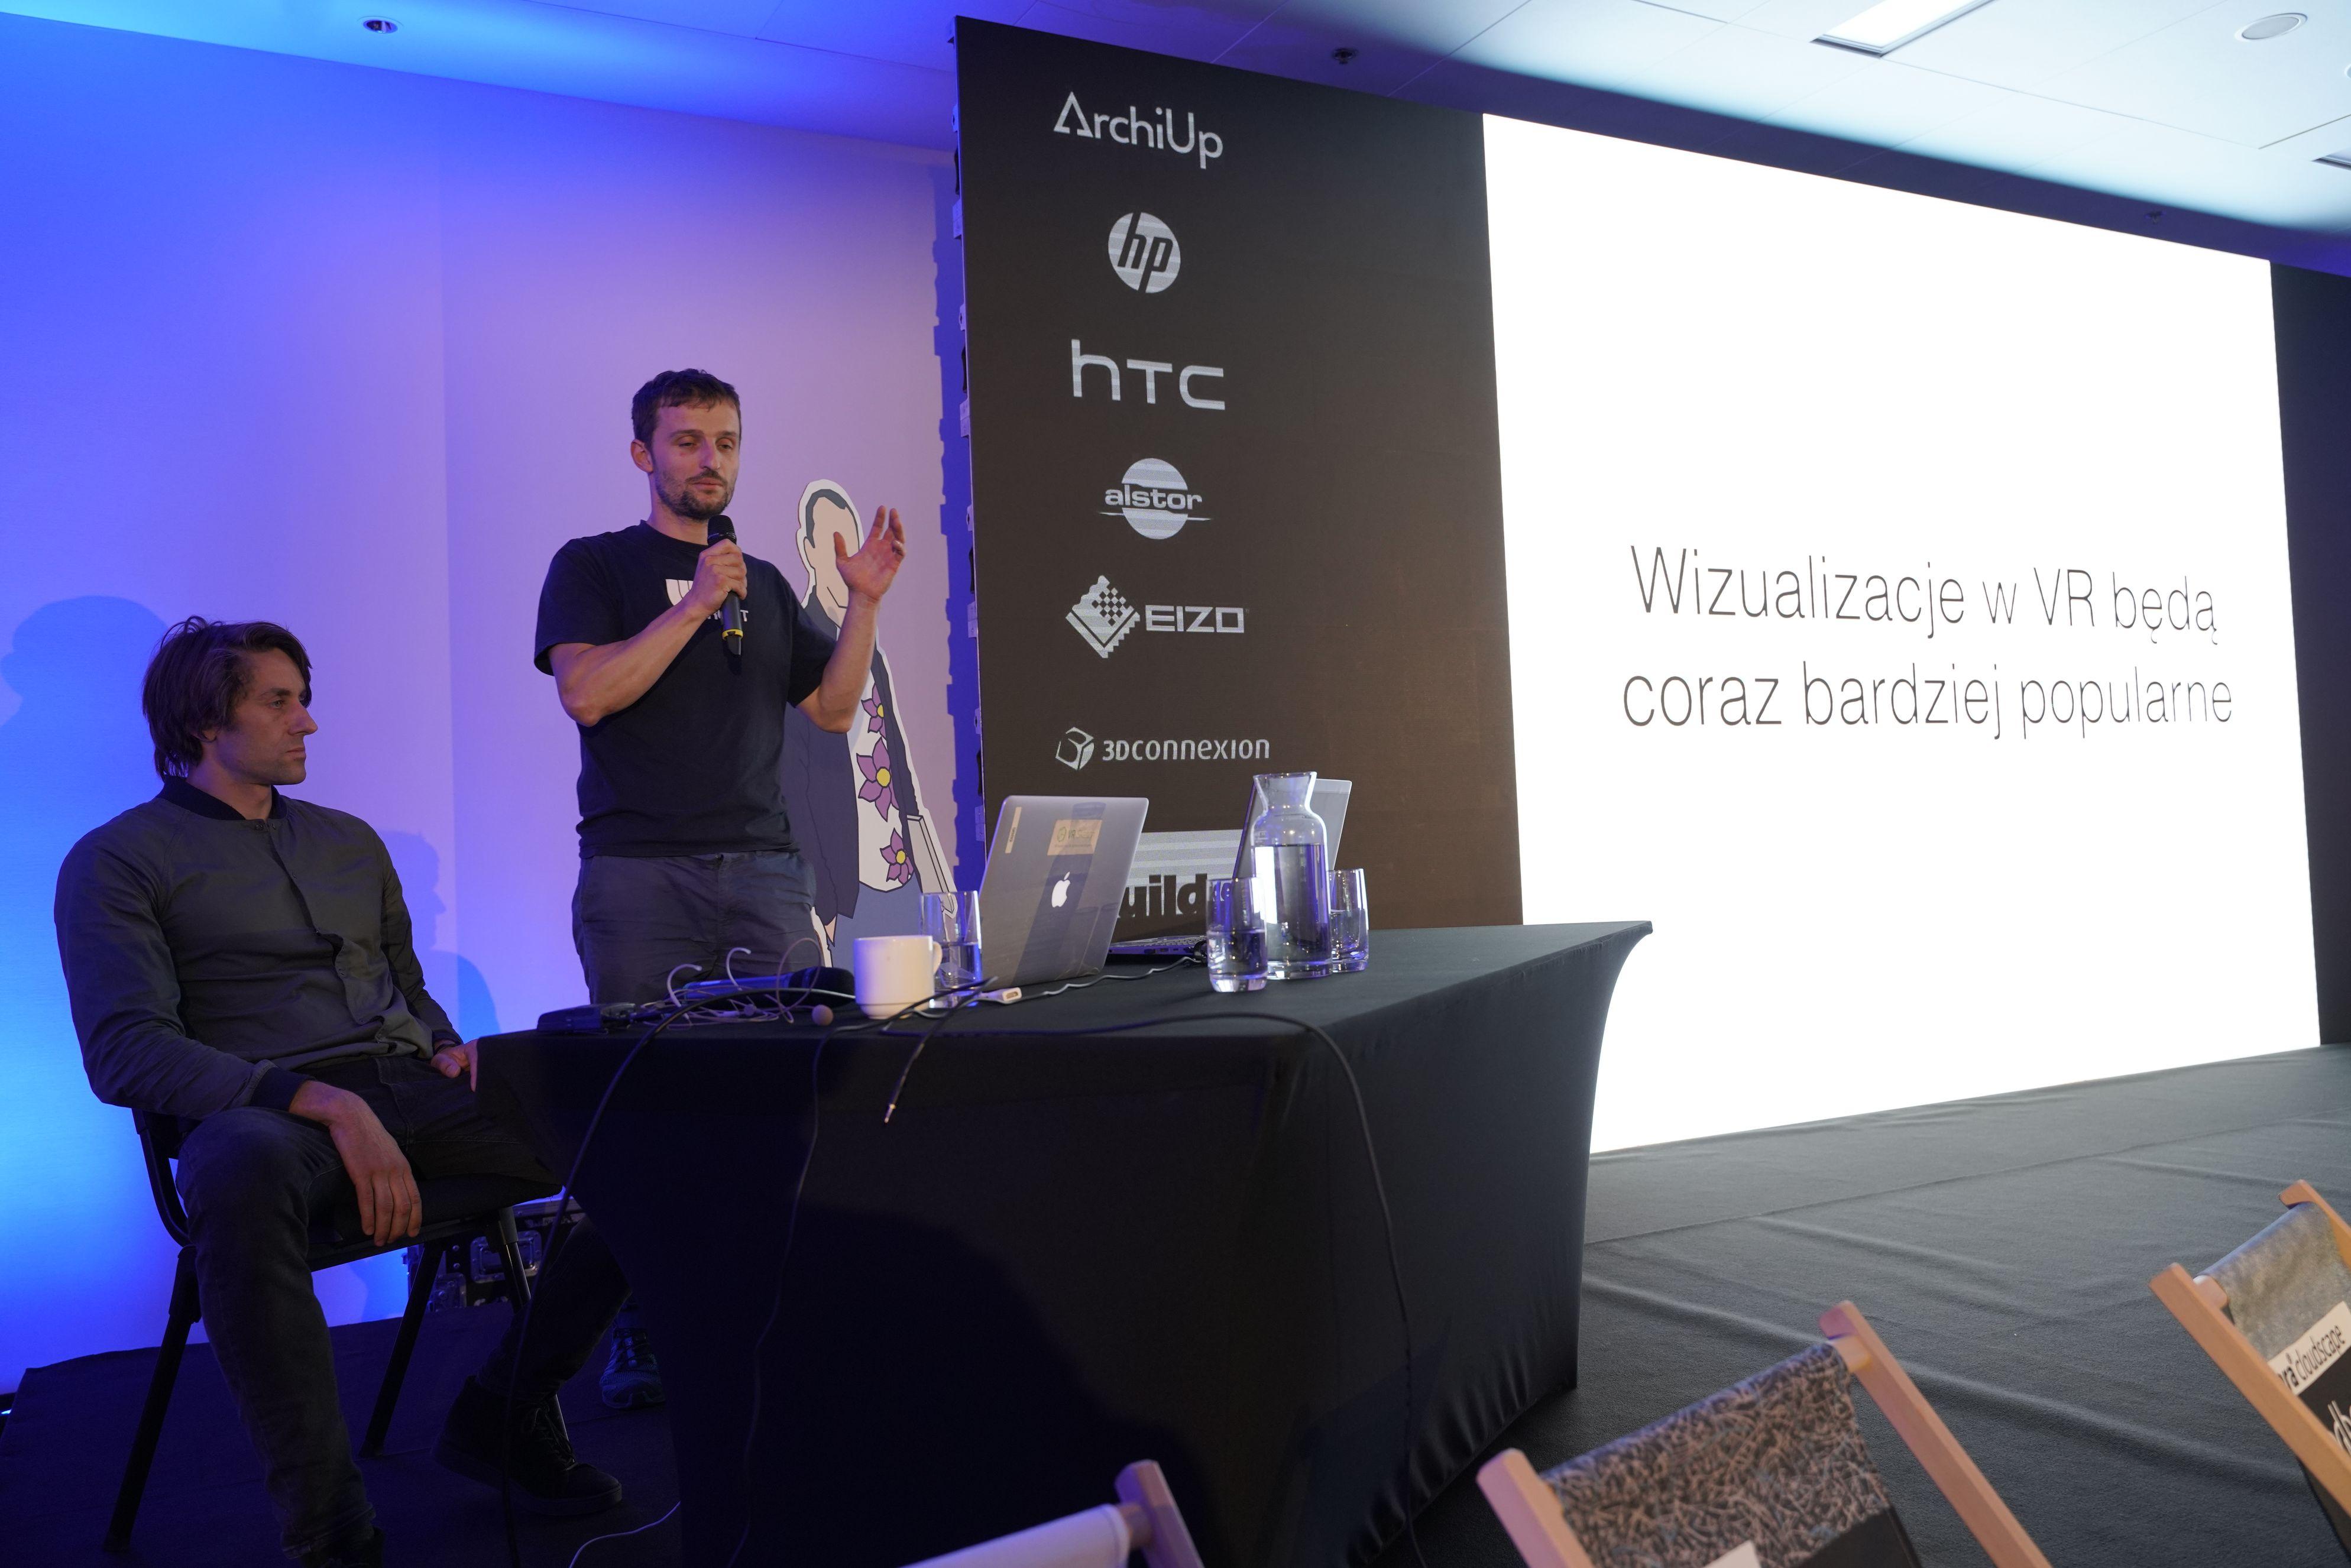 VR Sketch pozwala na projektowanie w środowisku VR z użyciem narzędzi znanych ze SketchUp.